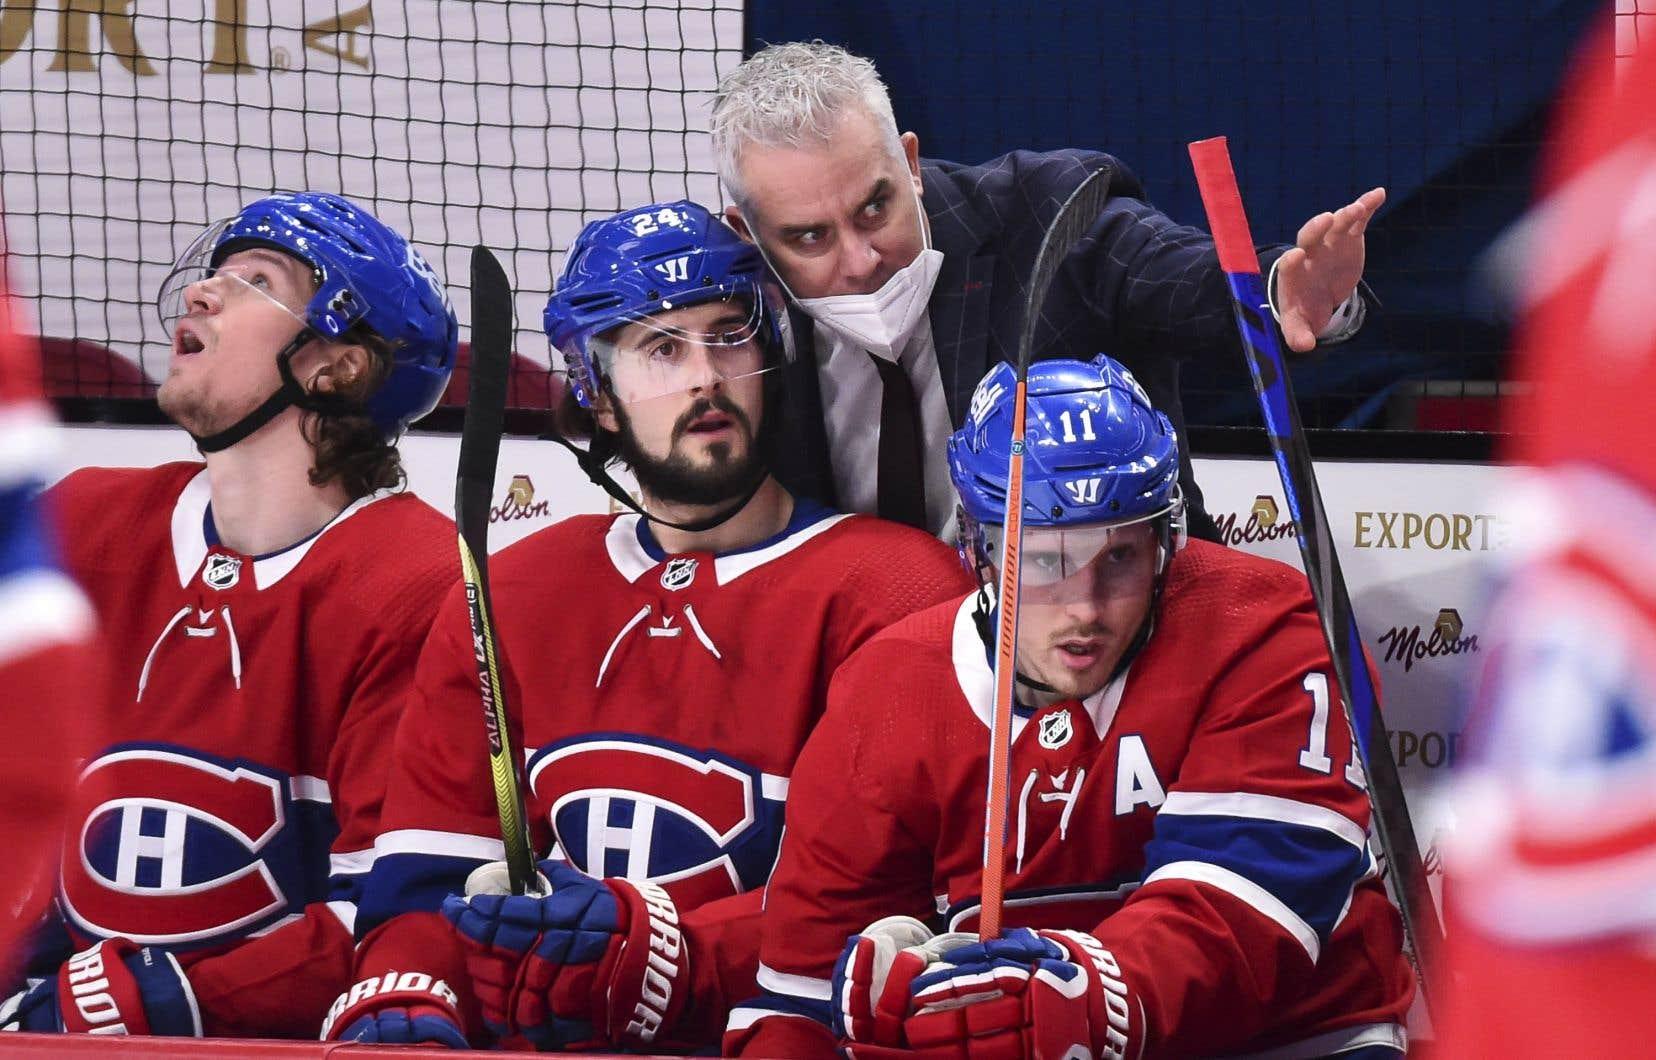 """«La journée que j'ai fait le changement avec """"Dom"""", mon intention était de le garder ici, à Montréal, à long terme. [...] C'est certain qu'il [Ducharme] a fait de l'excellent boulot pour nous amener en finale, mais déjà là, nous, à l'interne, on croyait en Dominique Ducharme» (sur la photo), a mentionné Bergevin."""